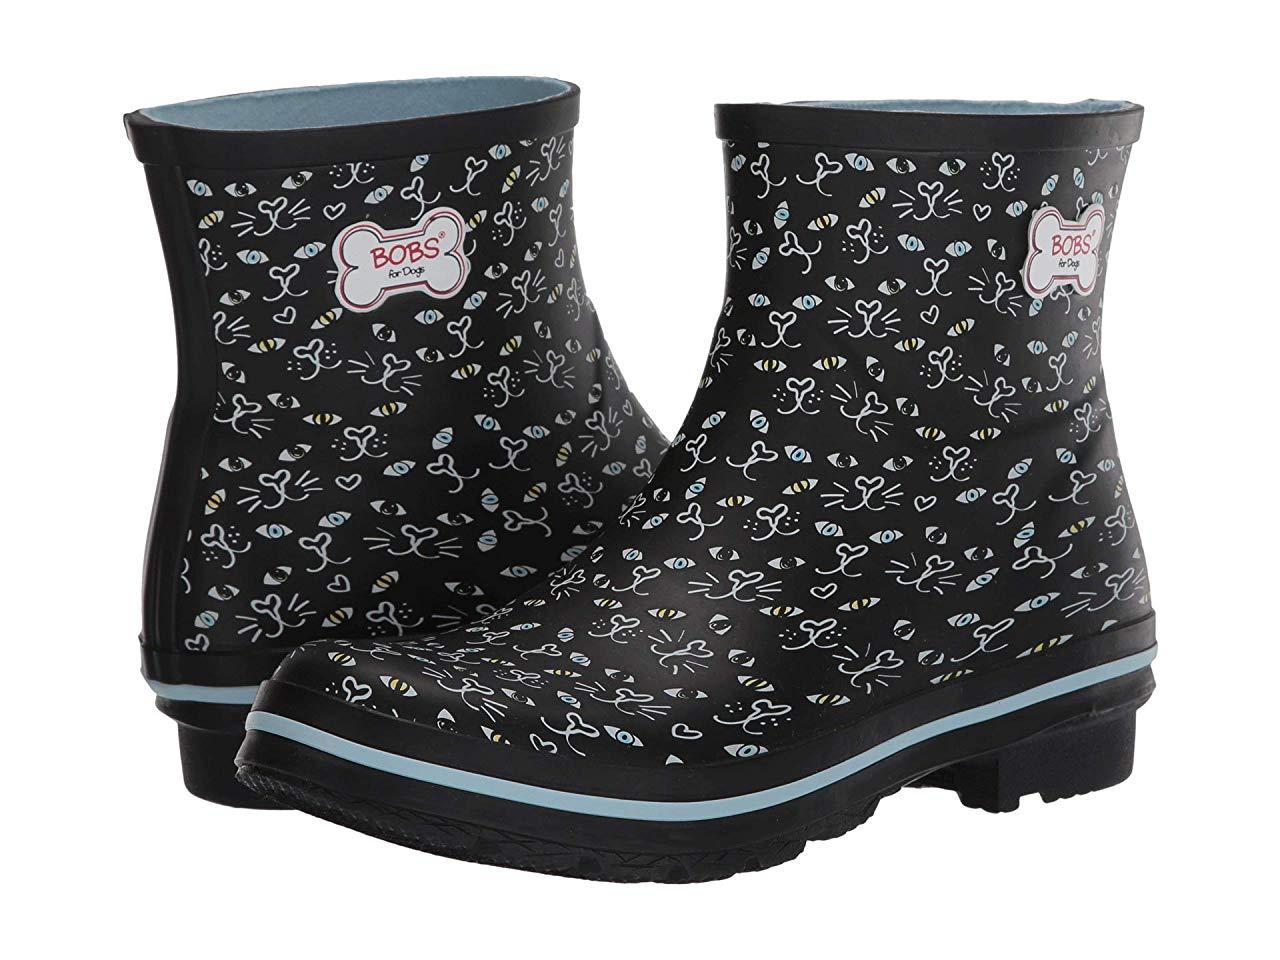 Ботинки/Сапоги BOBS from SKECHERS Rain Check Black